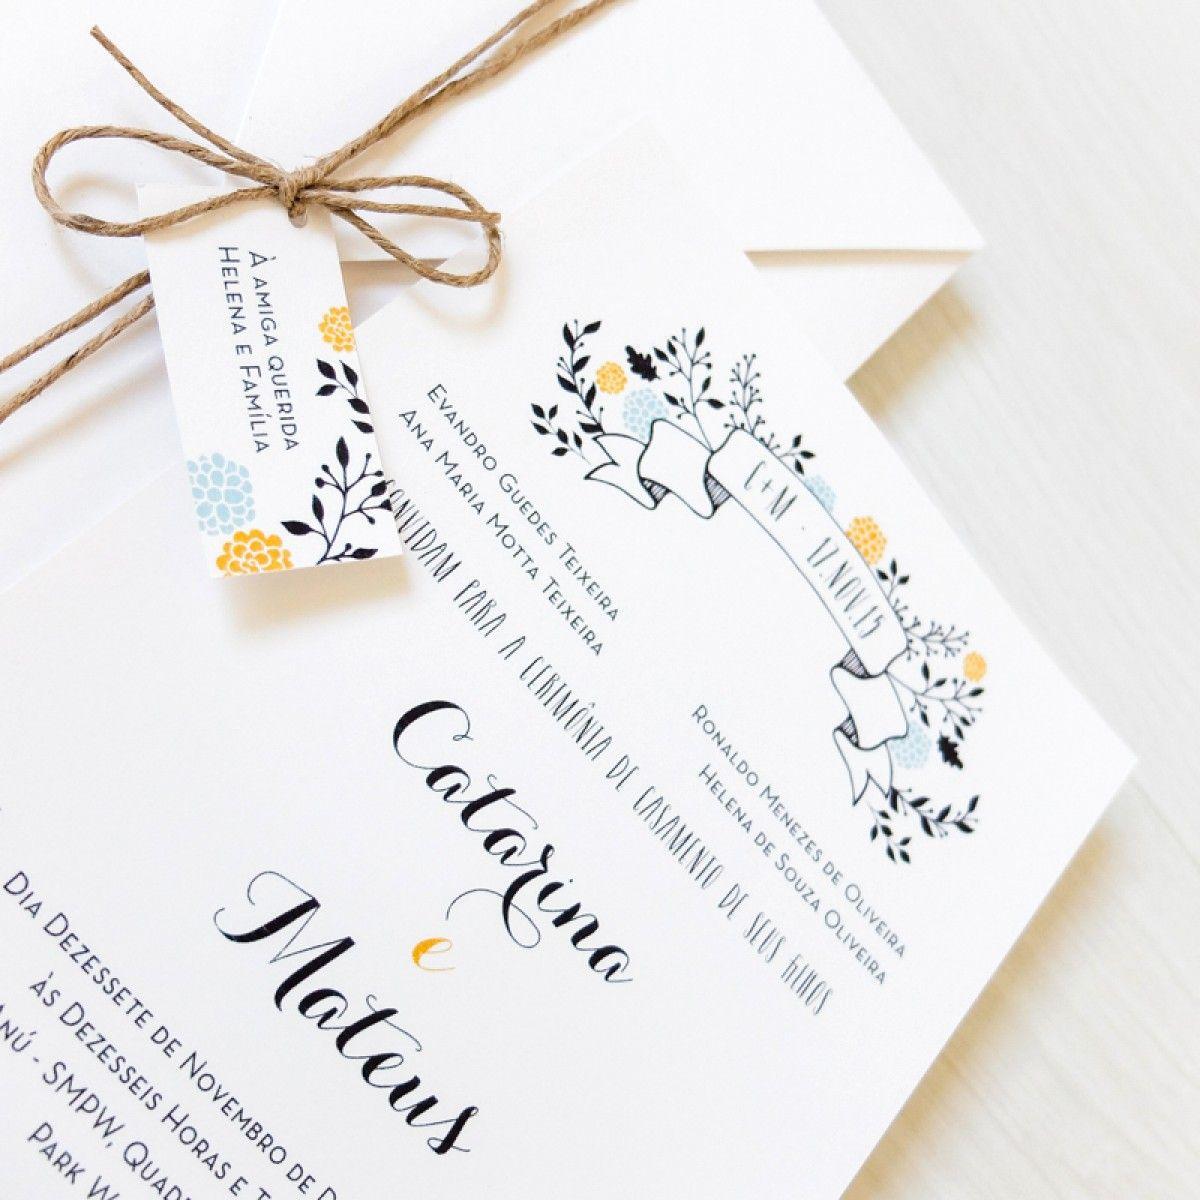 Os convites de casamento são a primeira impressão que os convidados terão da sua festa. Veja aqui todas as dicas essenciais e capriche na escolha do convite